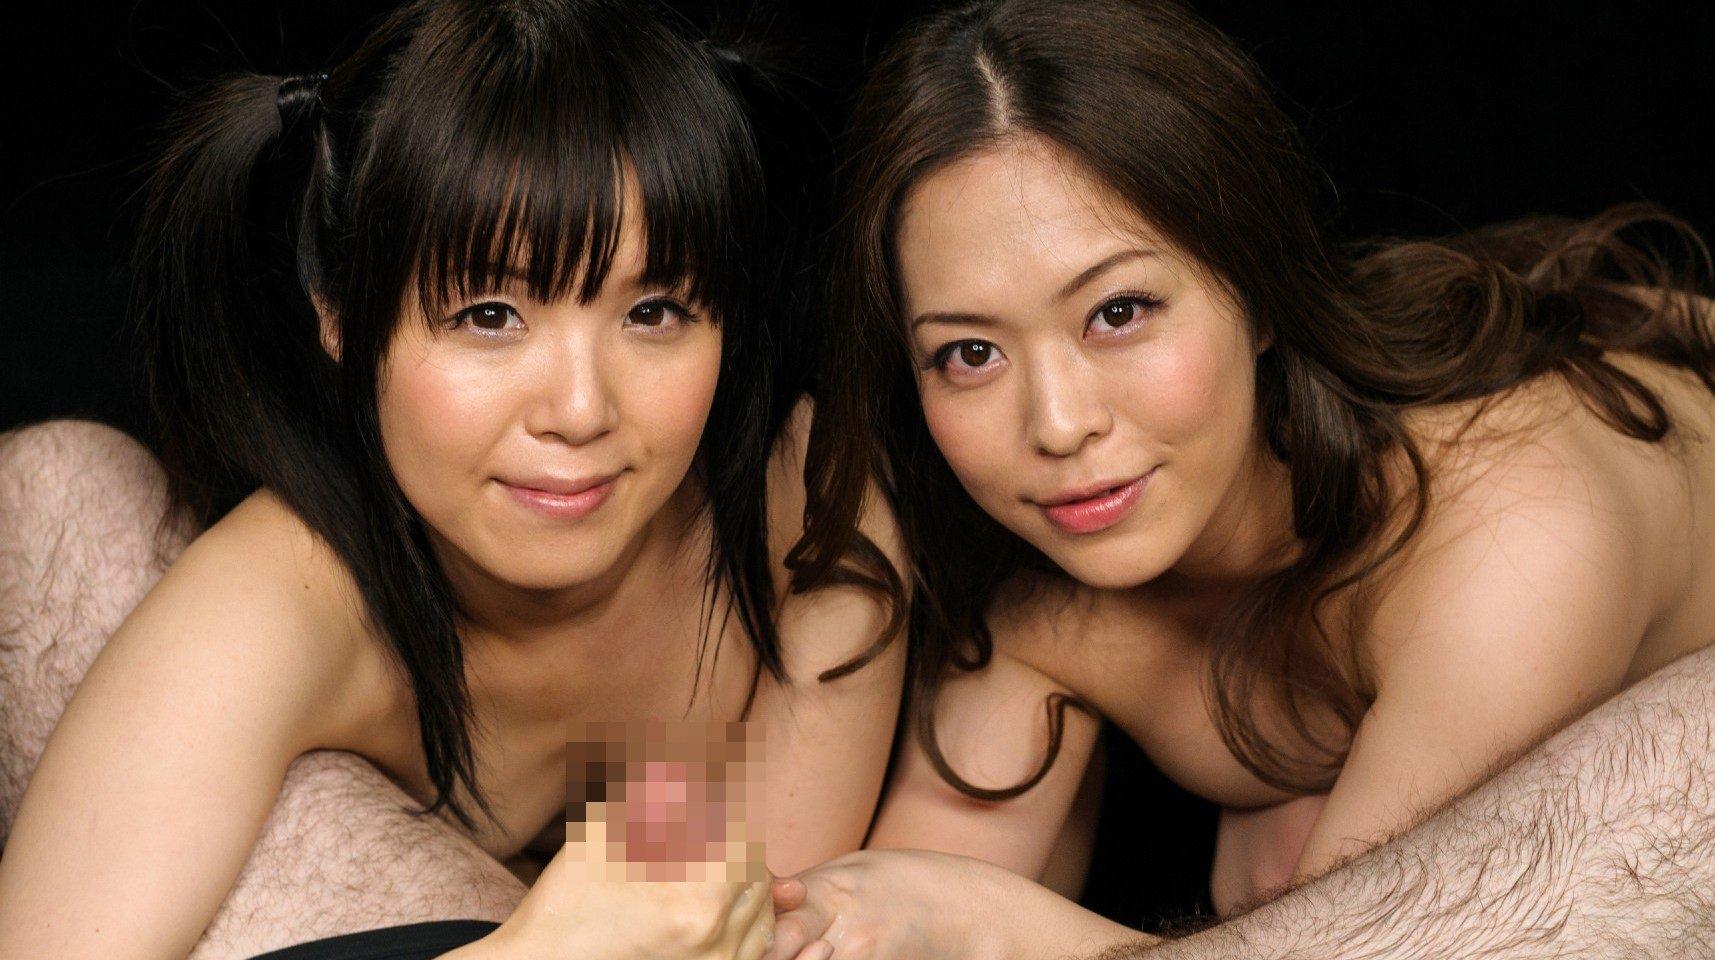 三次元 3次元 エロ画像 手コキ カメラ目線 べっぴん娘通信 26